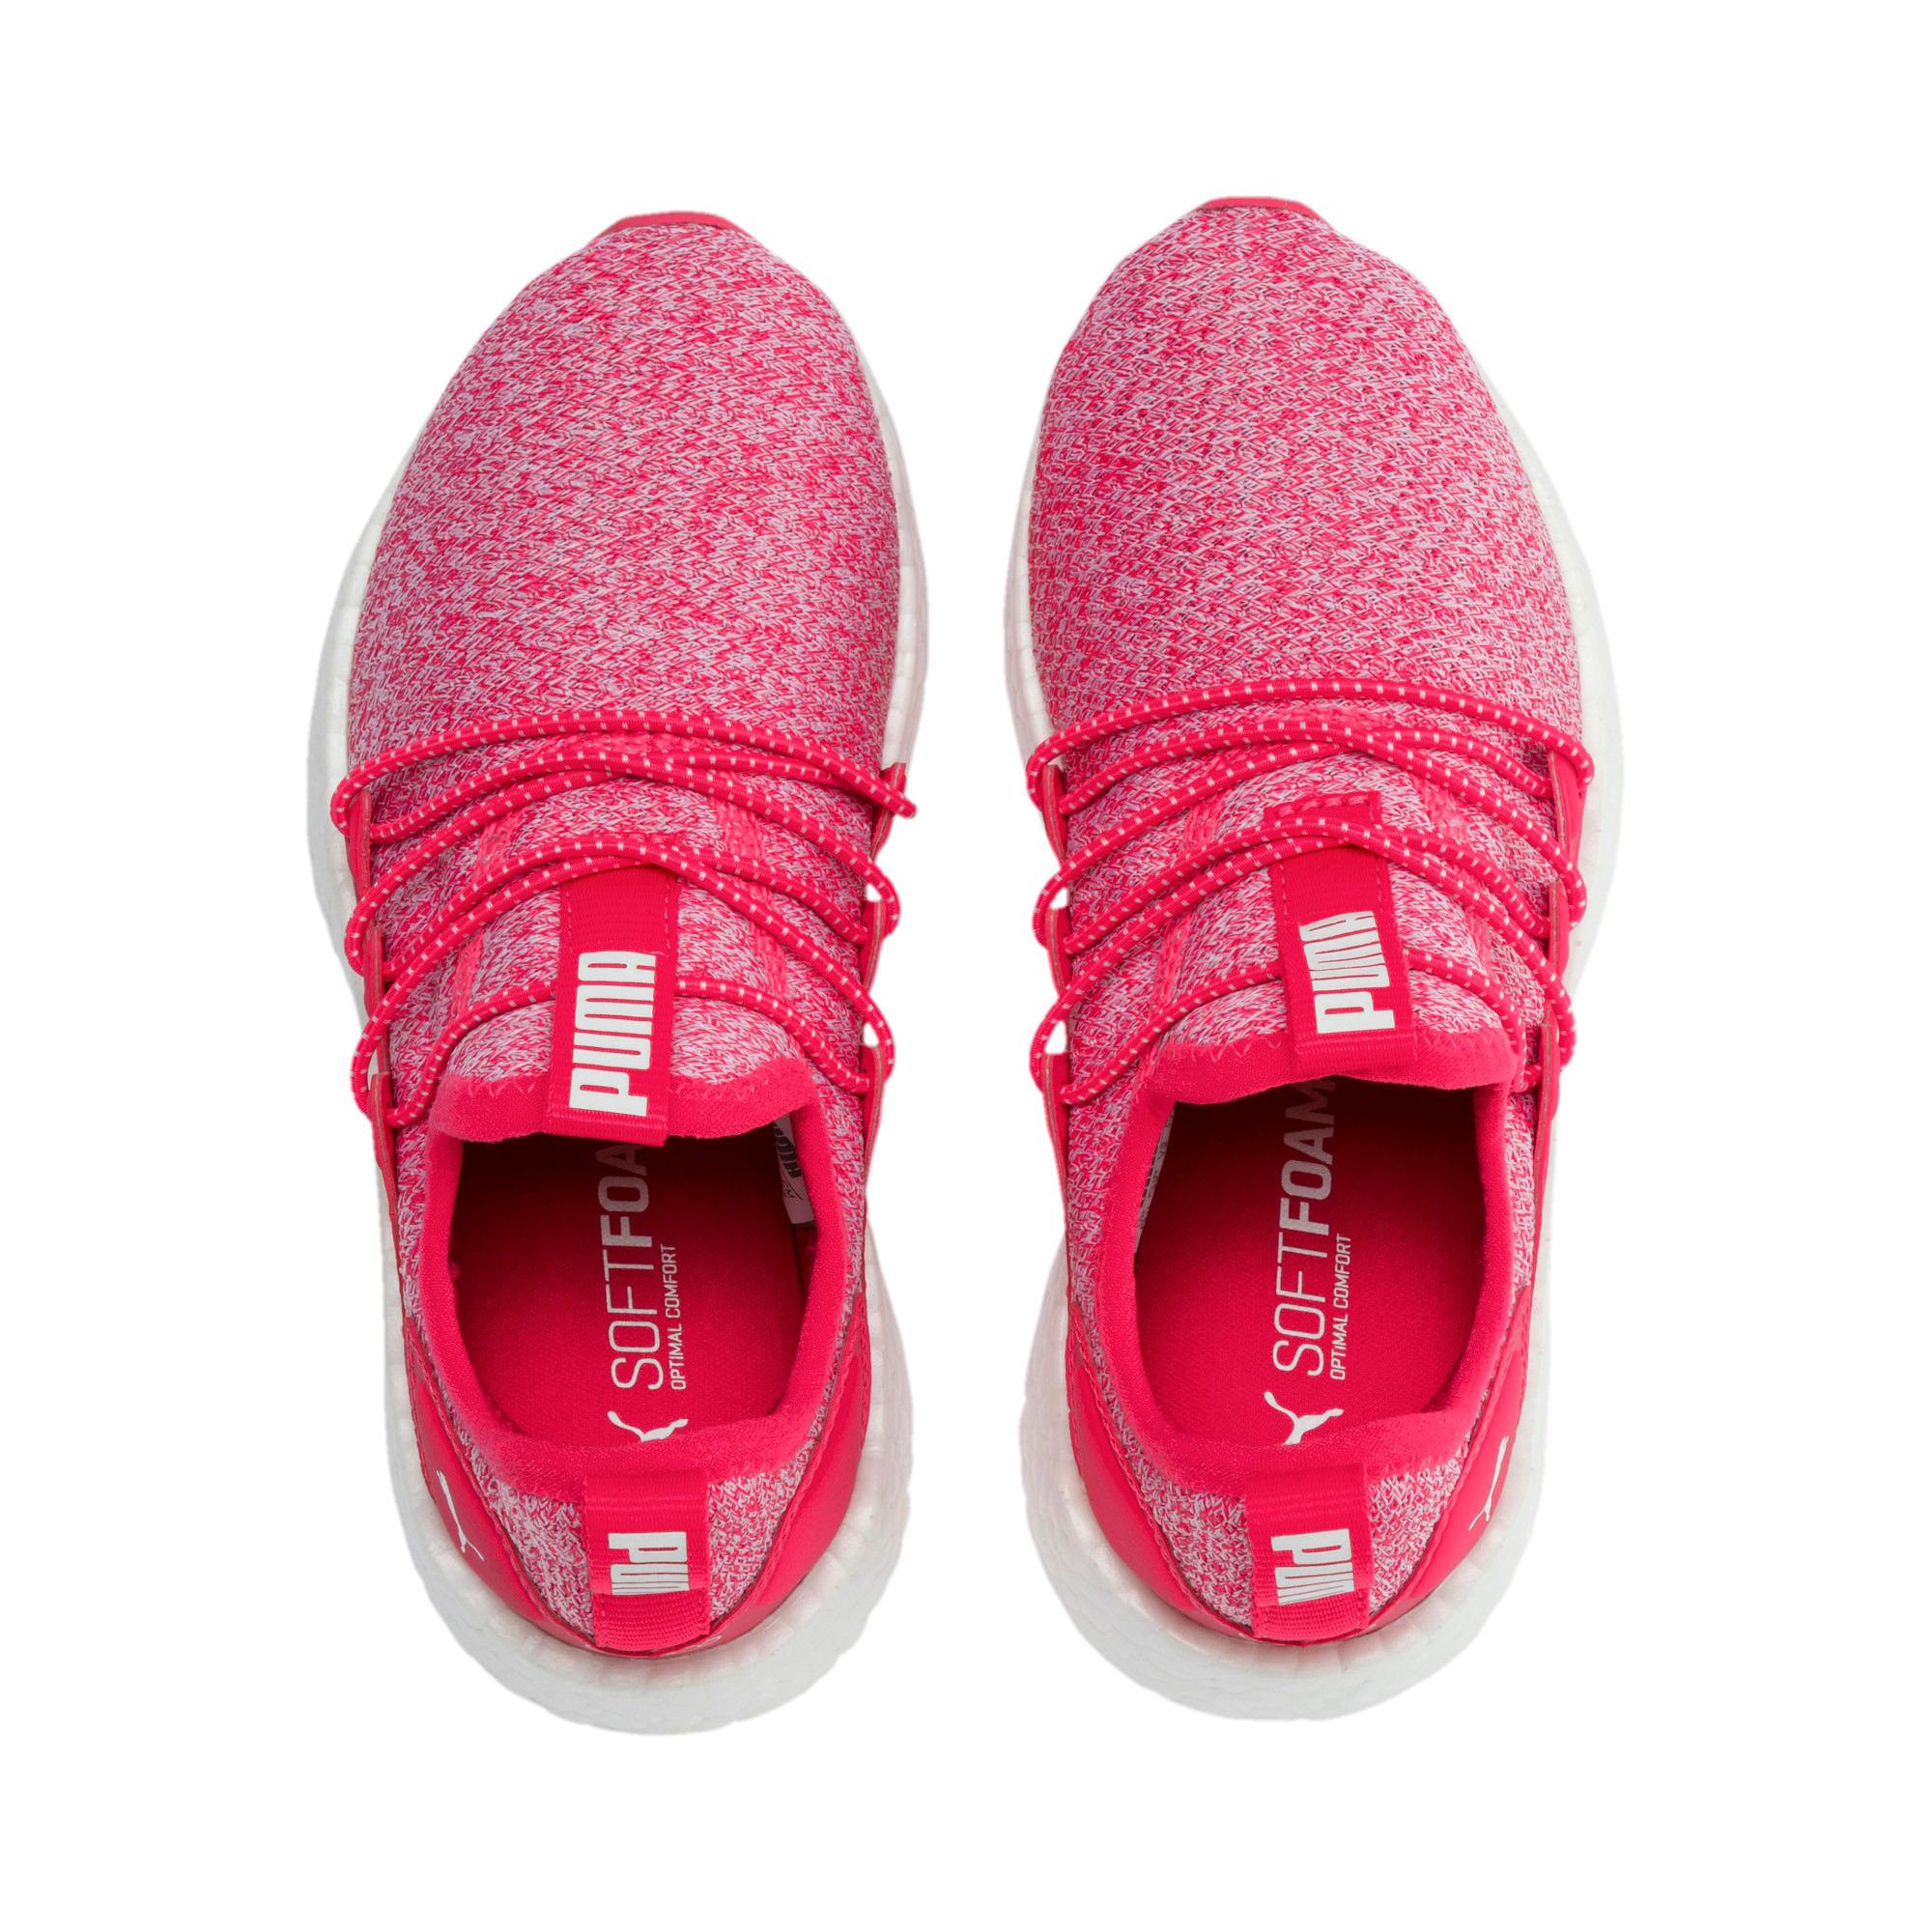 Thumbnail 6 of NRGY Neko Knit Shoes PS, Nrgy Rose-Puma White, medium